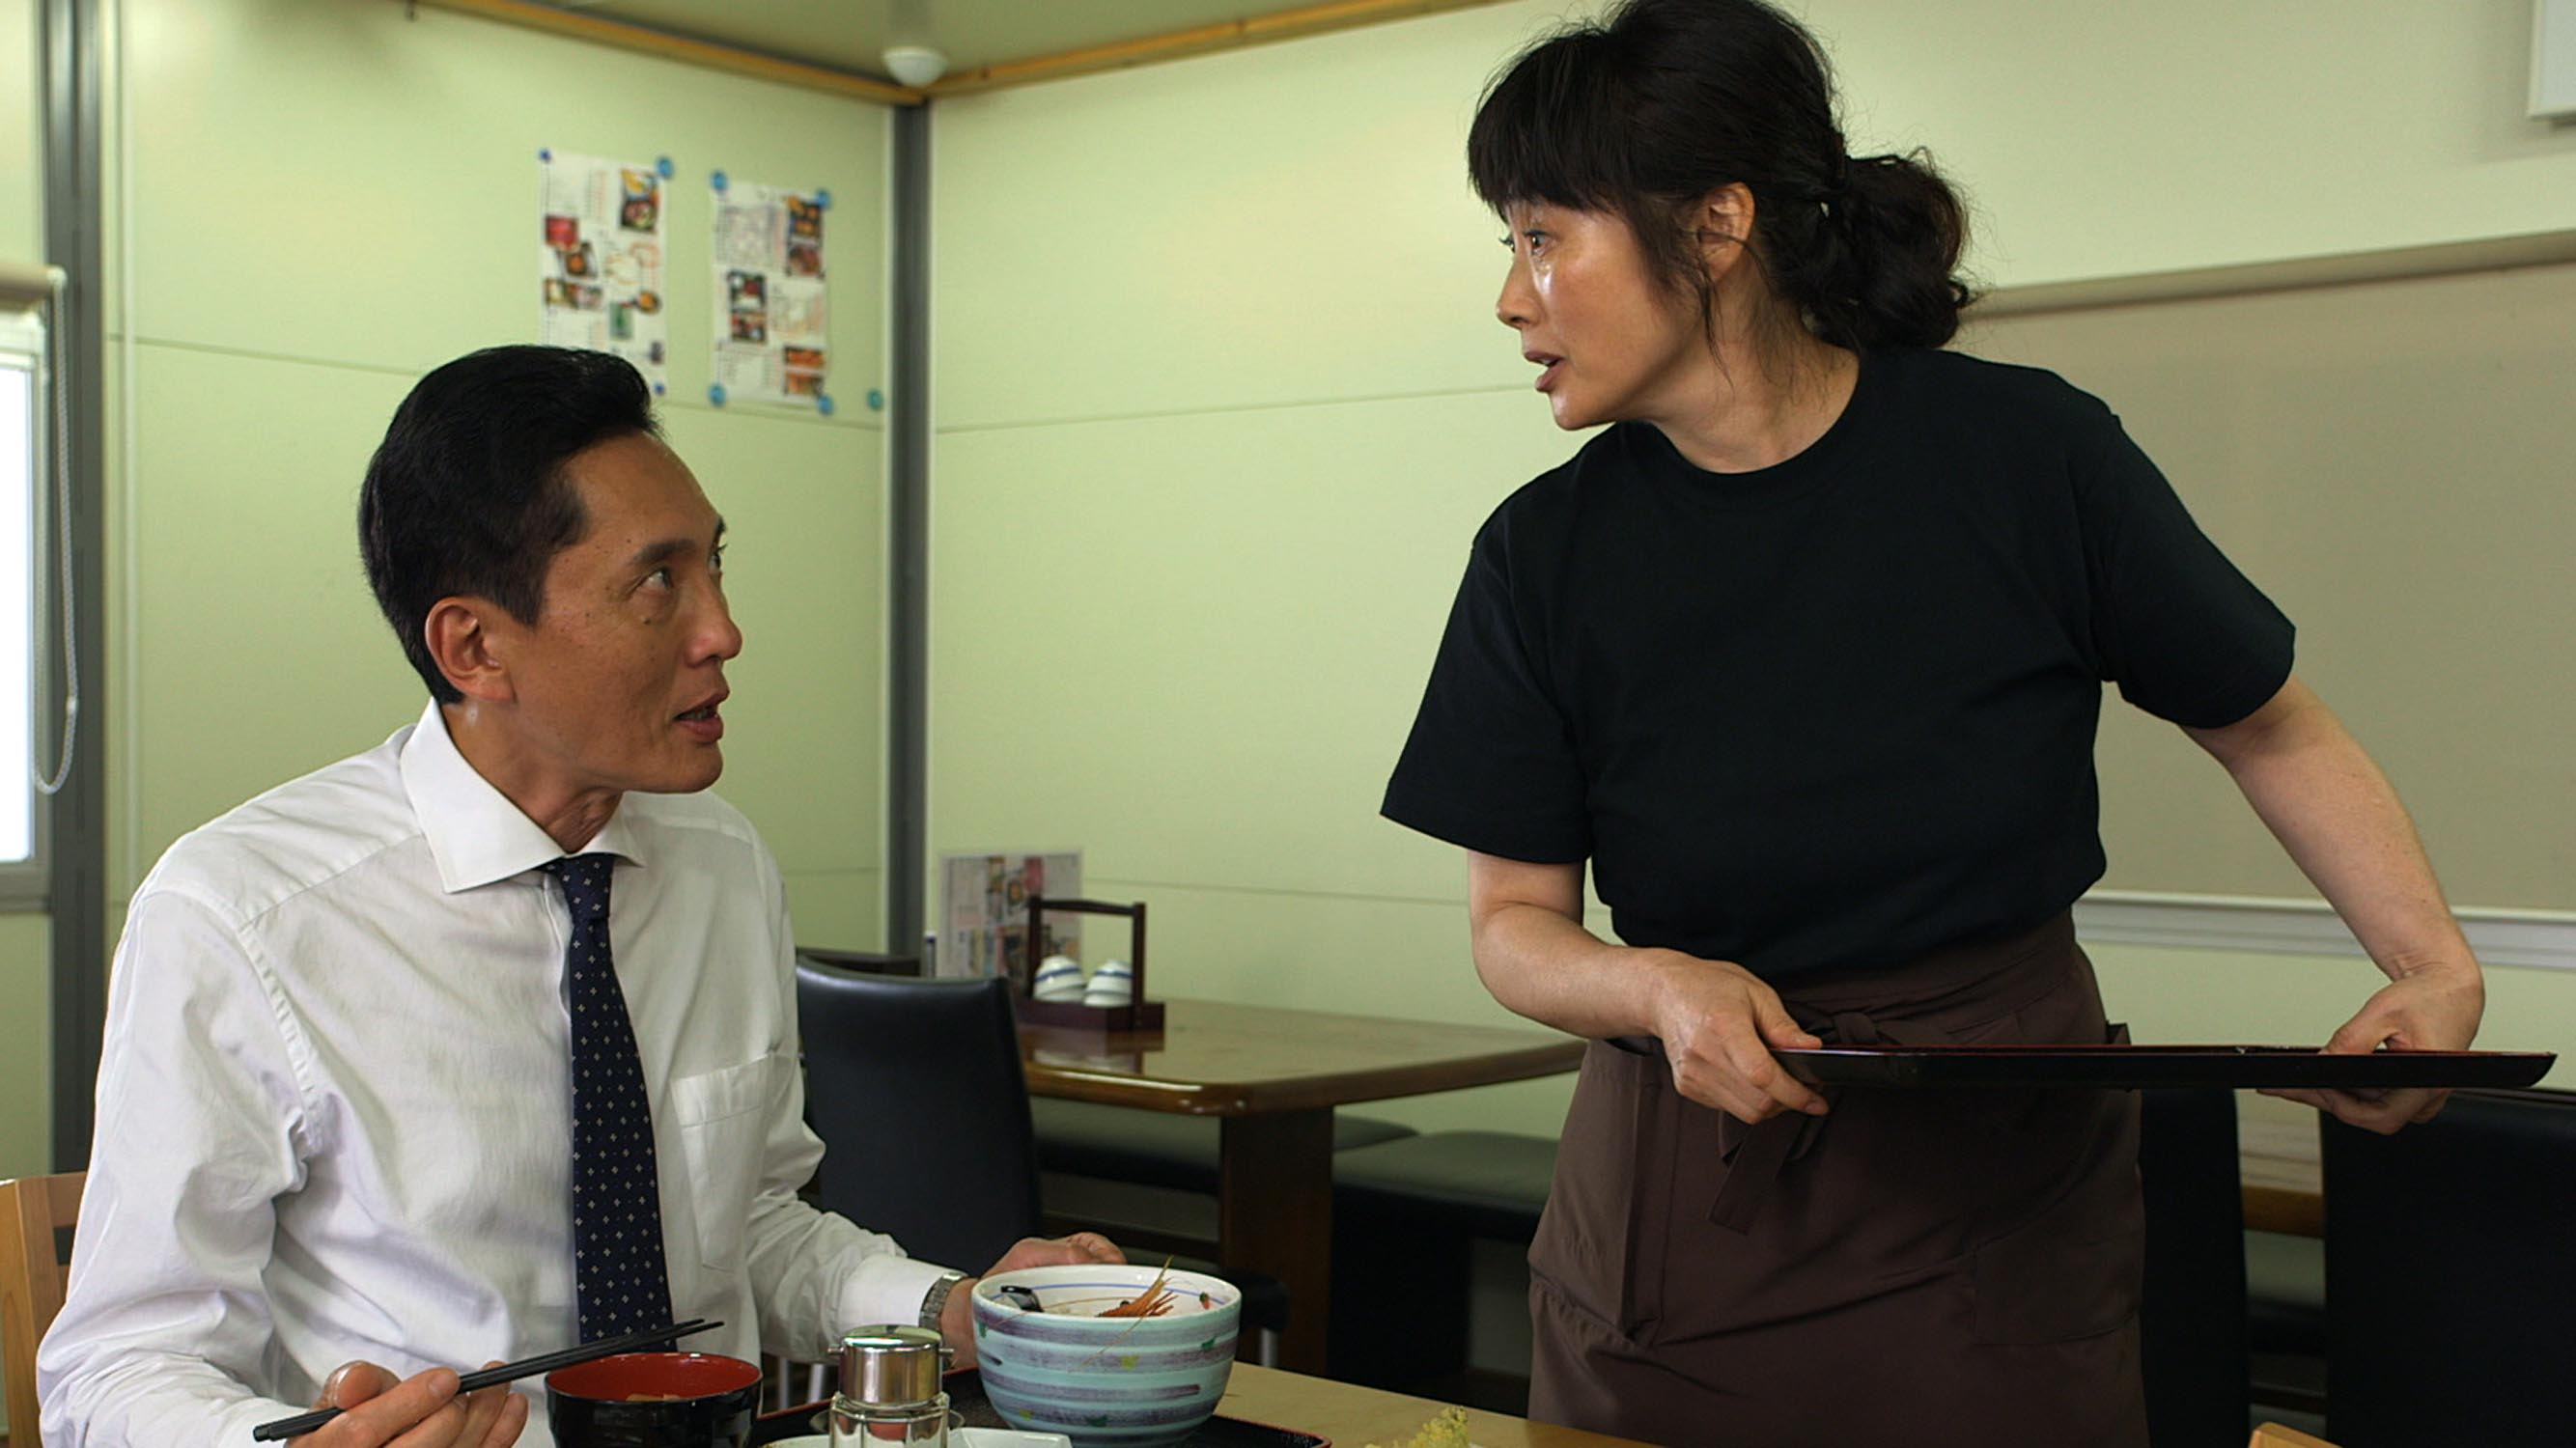 ドラマ『孤独のグルメ』スペシャル8月3日に放送決定 今回は五郎さん3軒行くってよ!